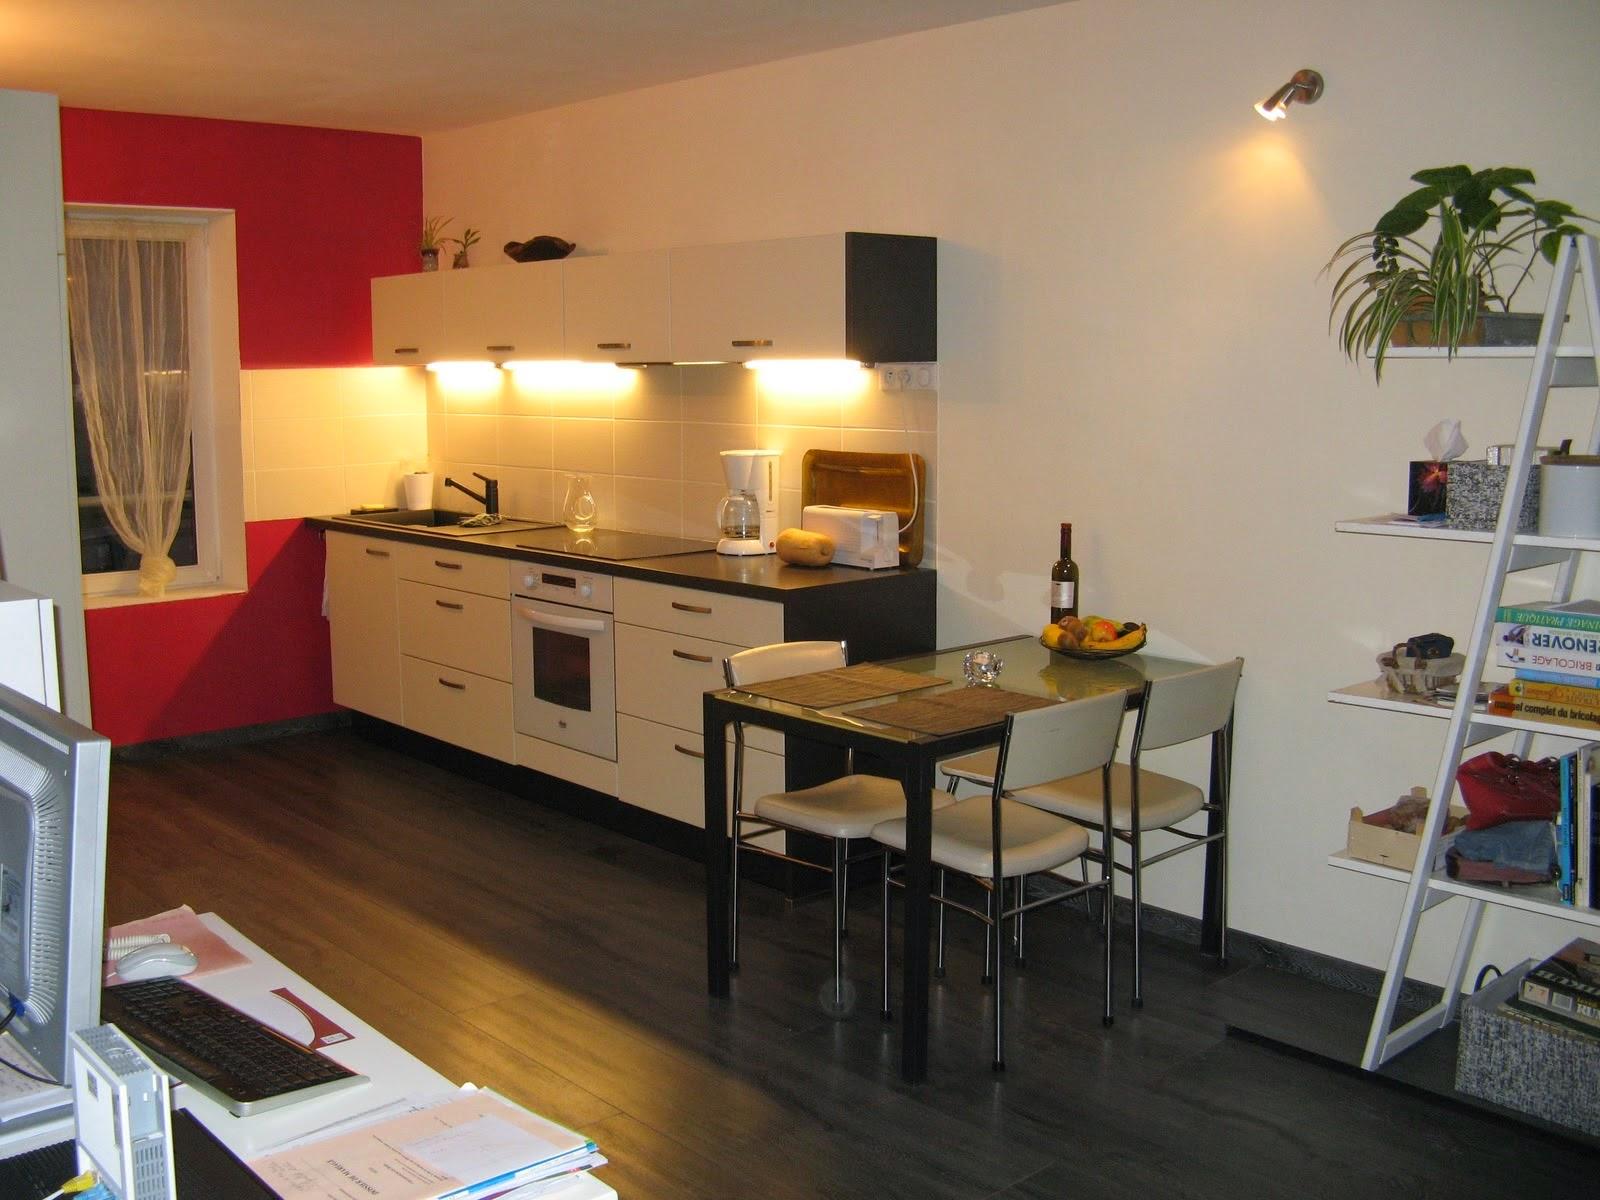 devis peinture cuisine paris